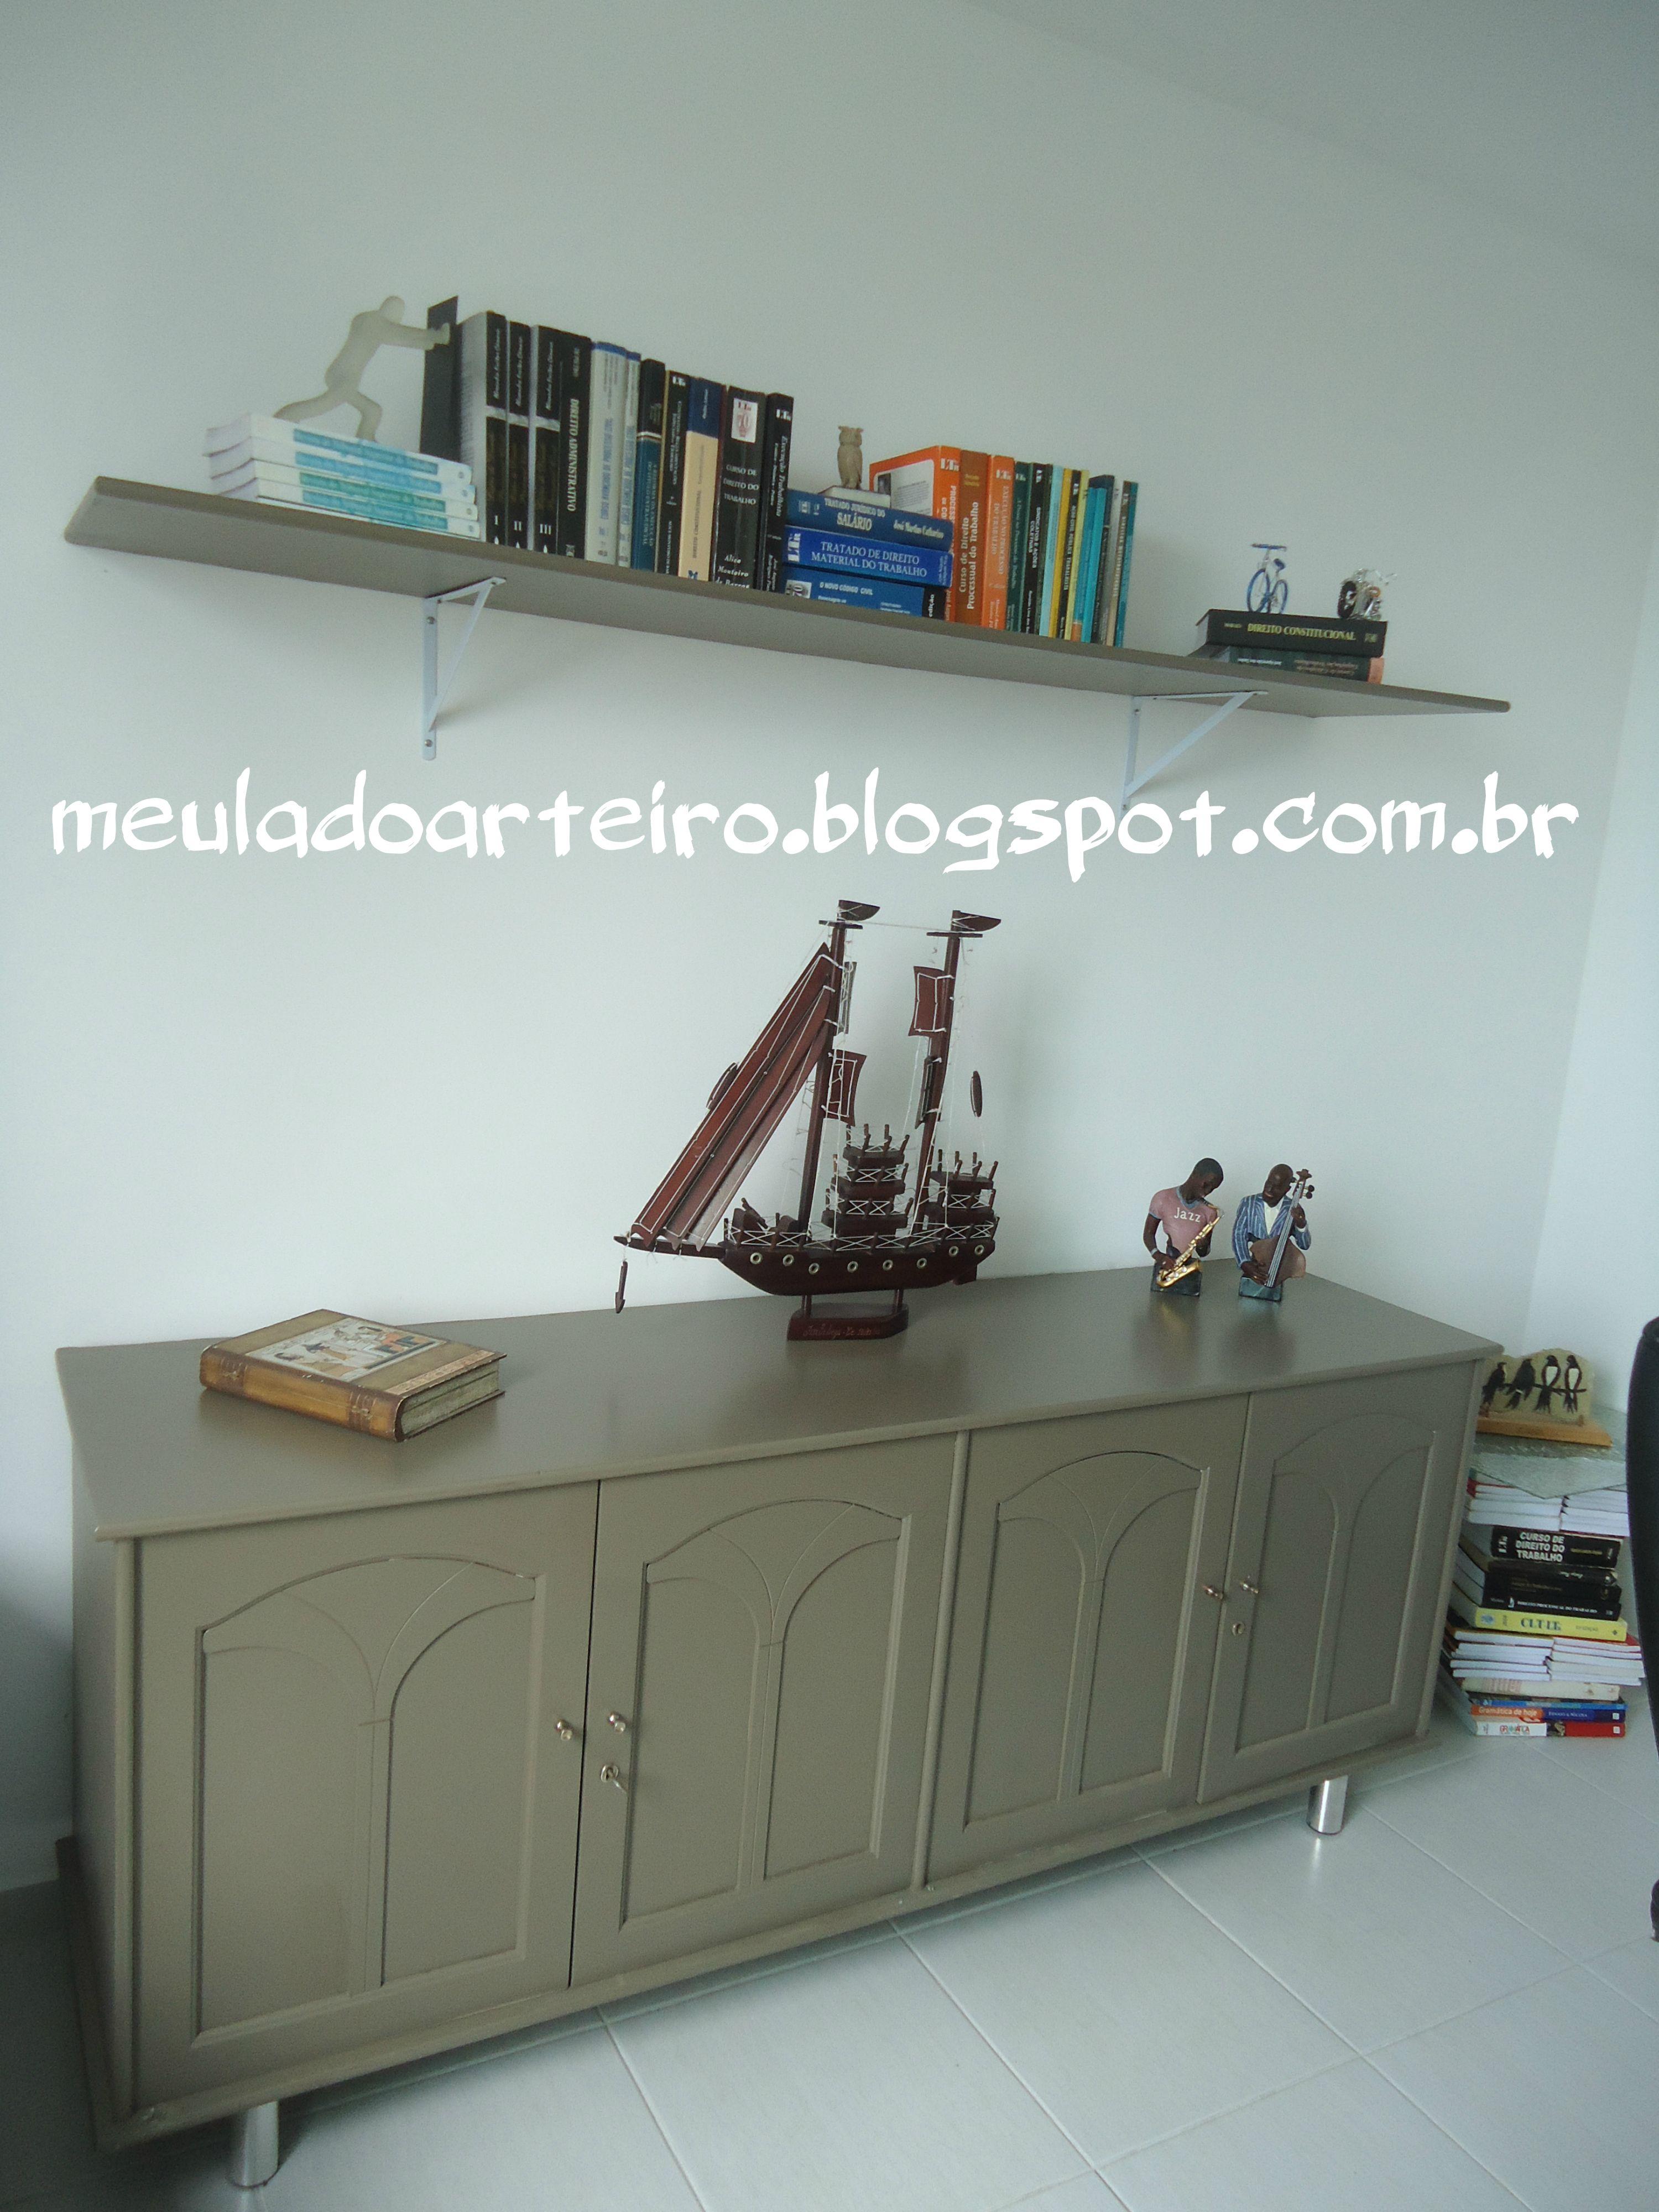 Estante velha foi transformada em balcão, PAP no blog http://meuladoarteiro.blogspot.com.br/2014/03/estante-transformada-em-balcao.html